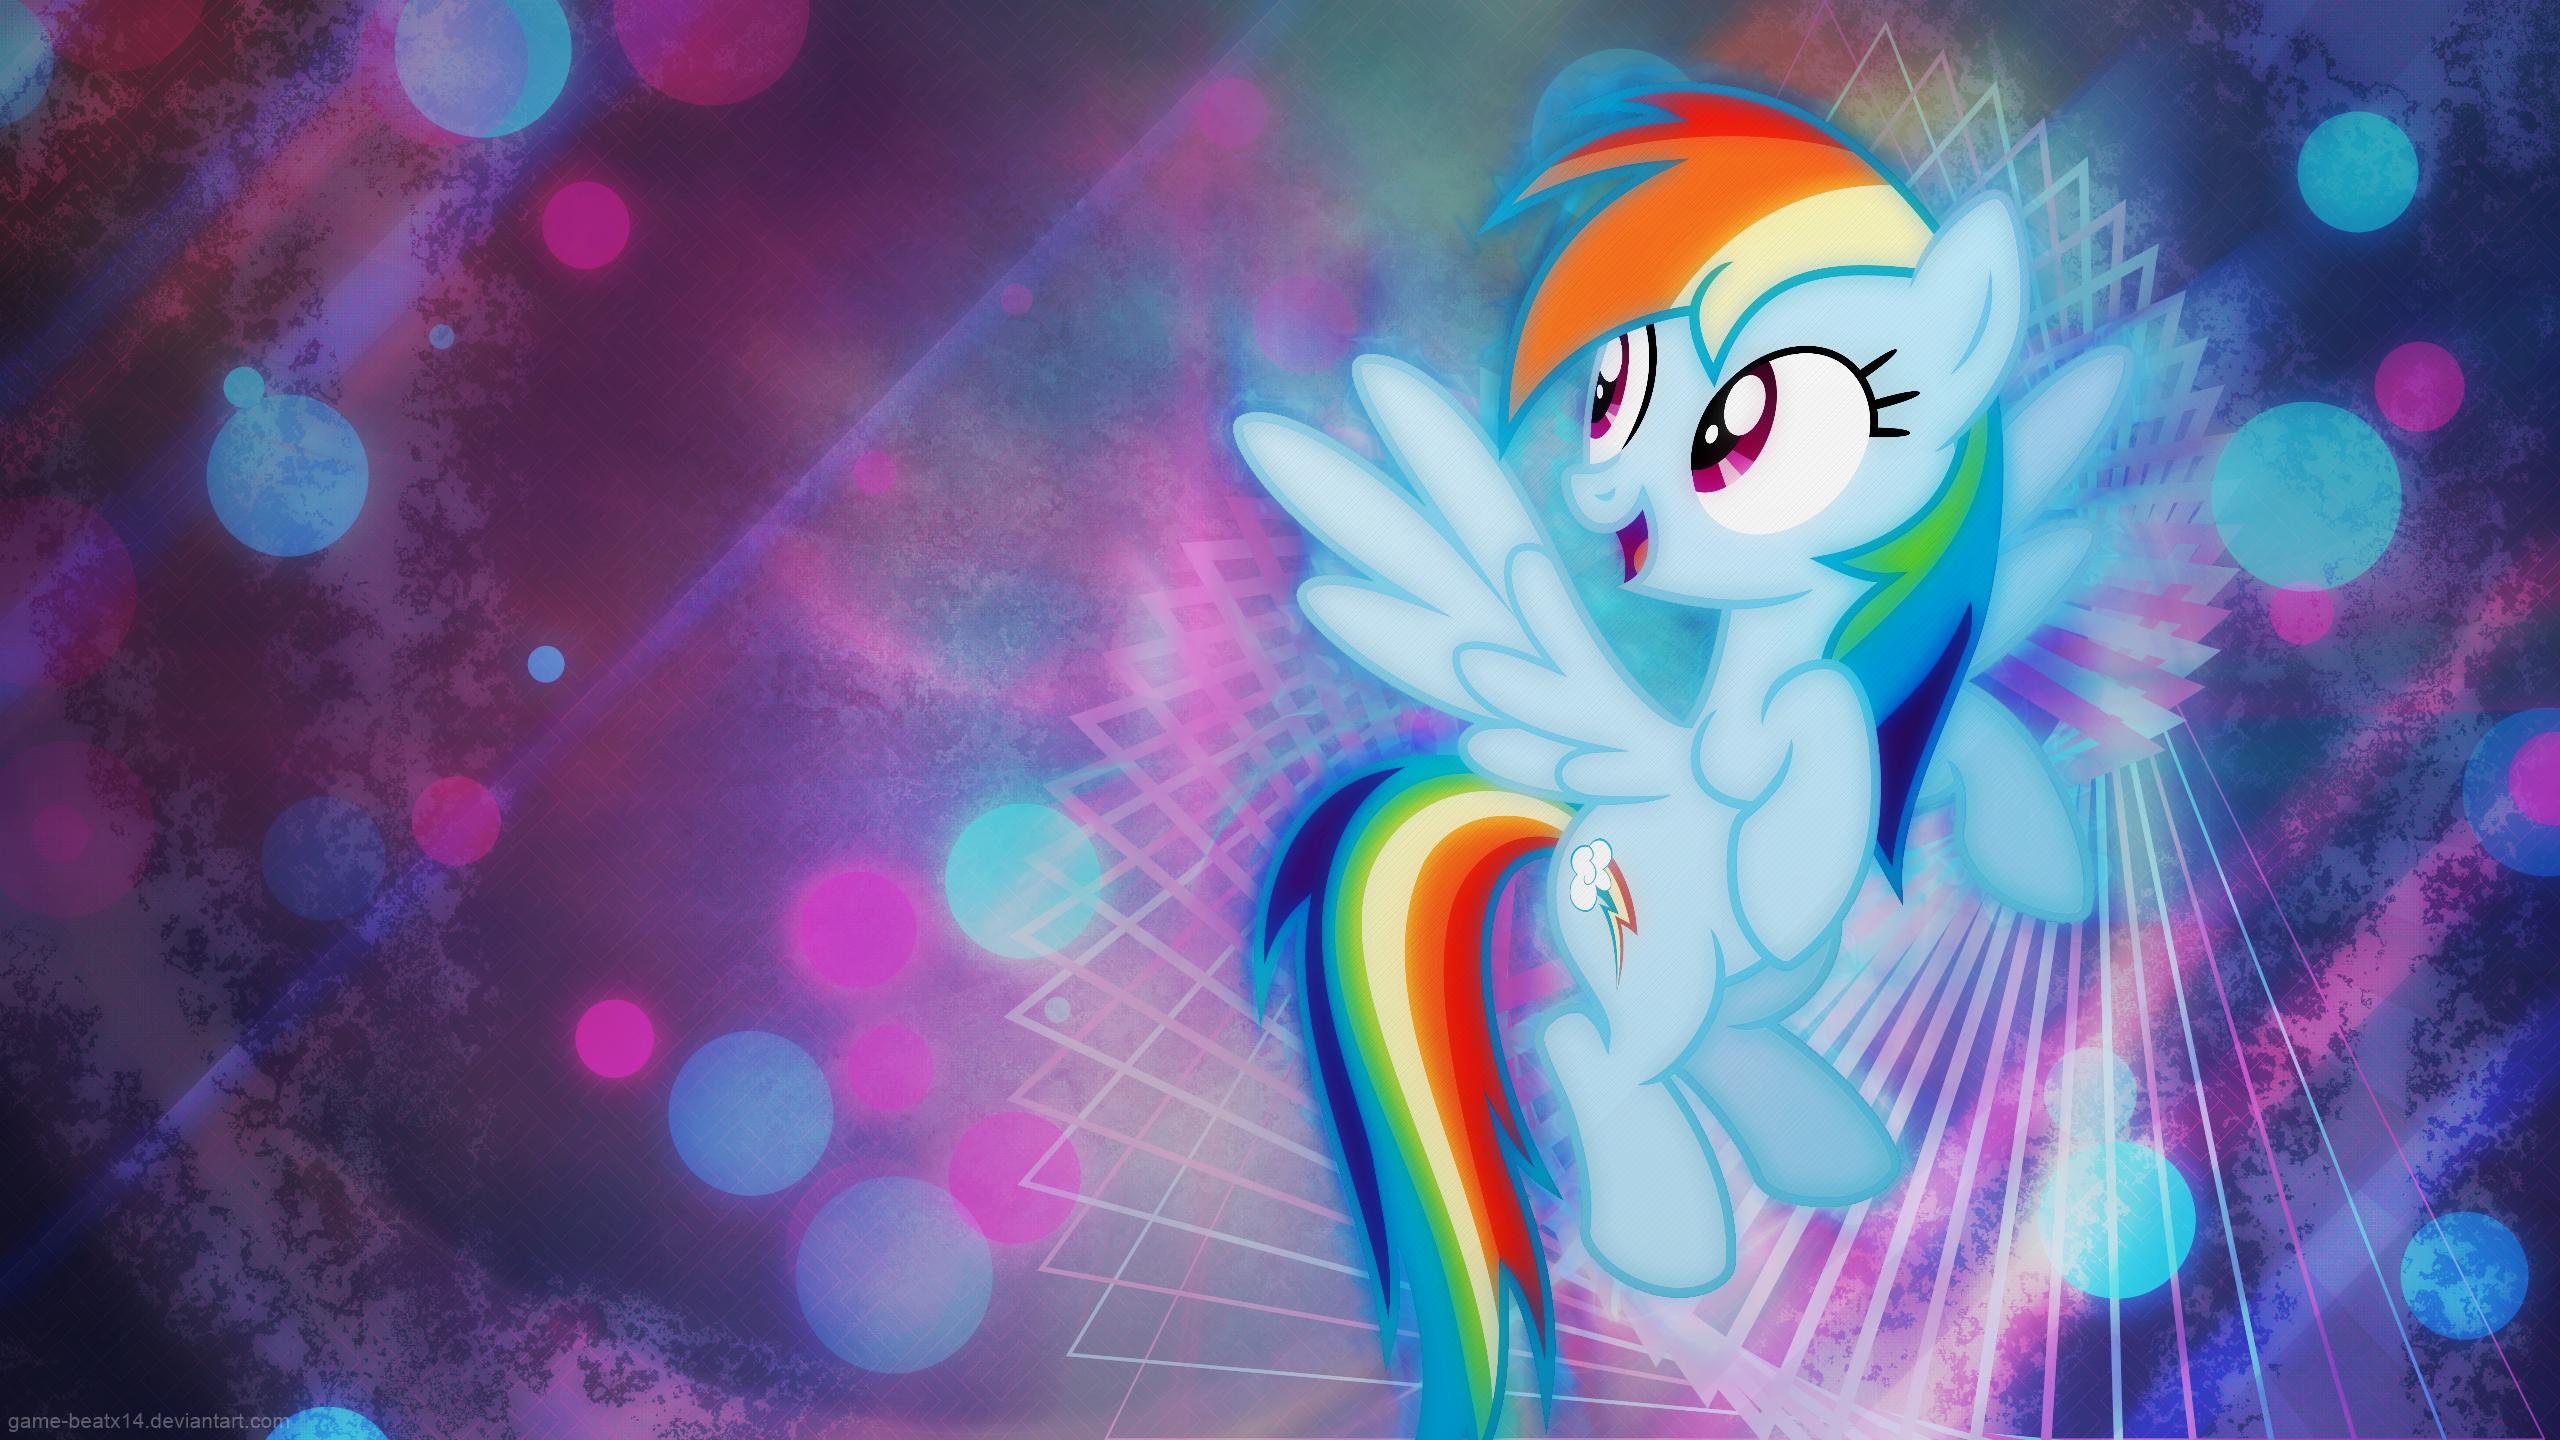 Free Download My Little Pony Wallpaper Hd Little Pony My Little